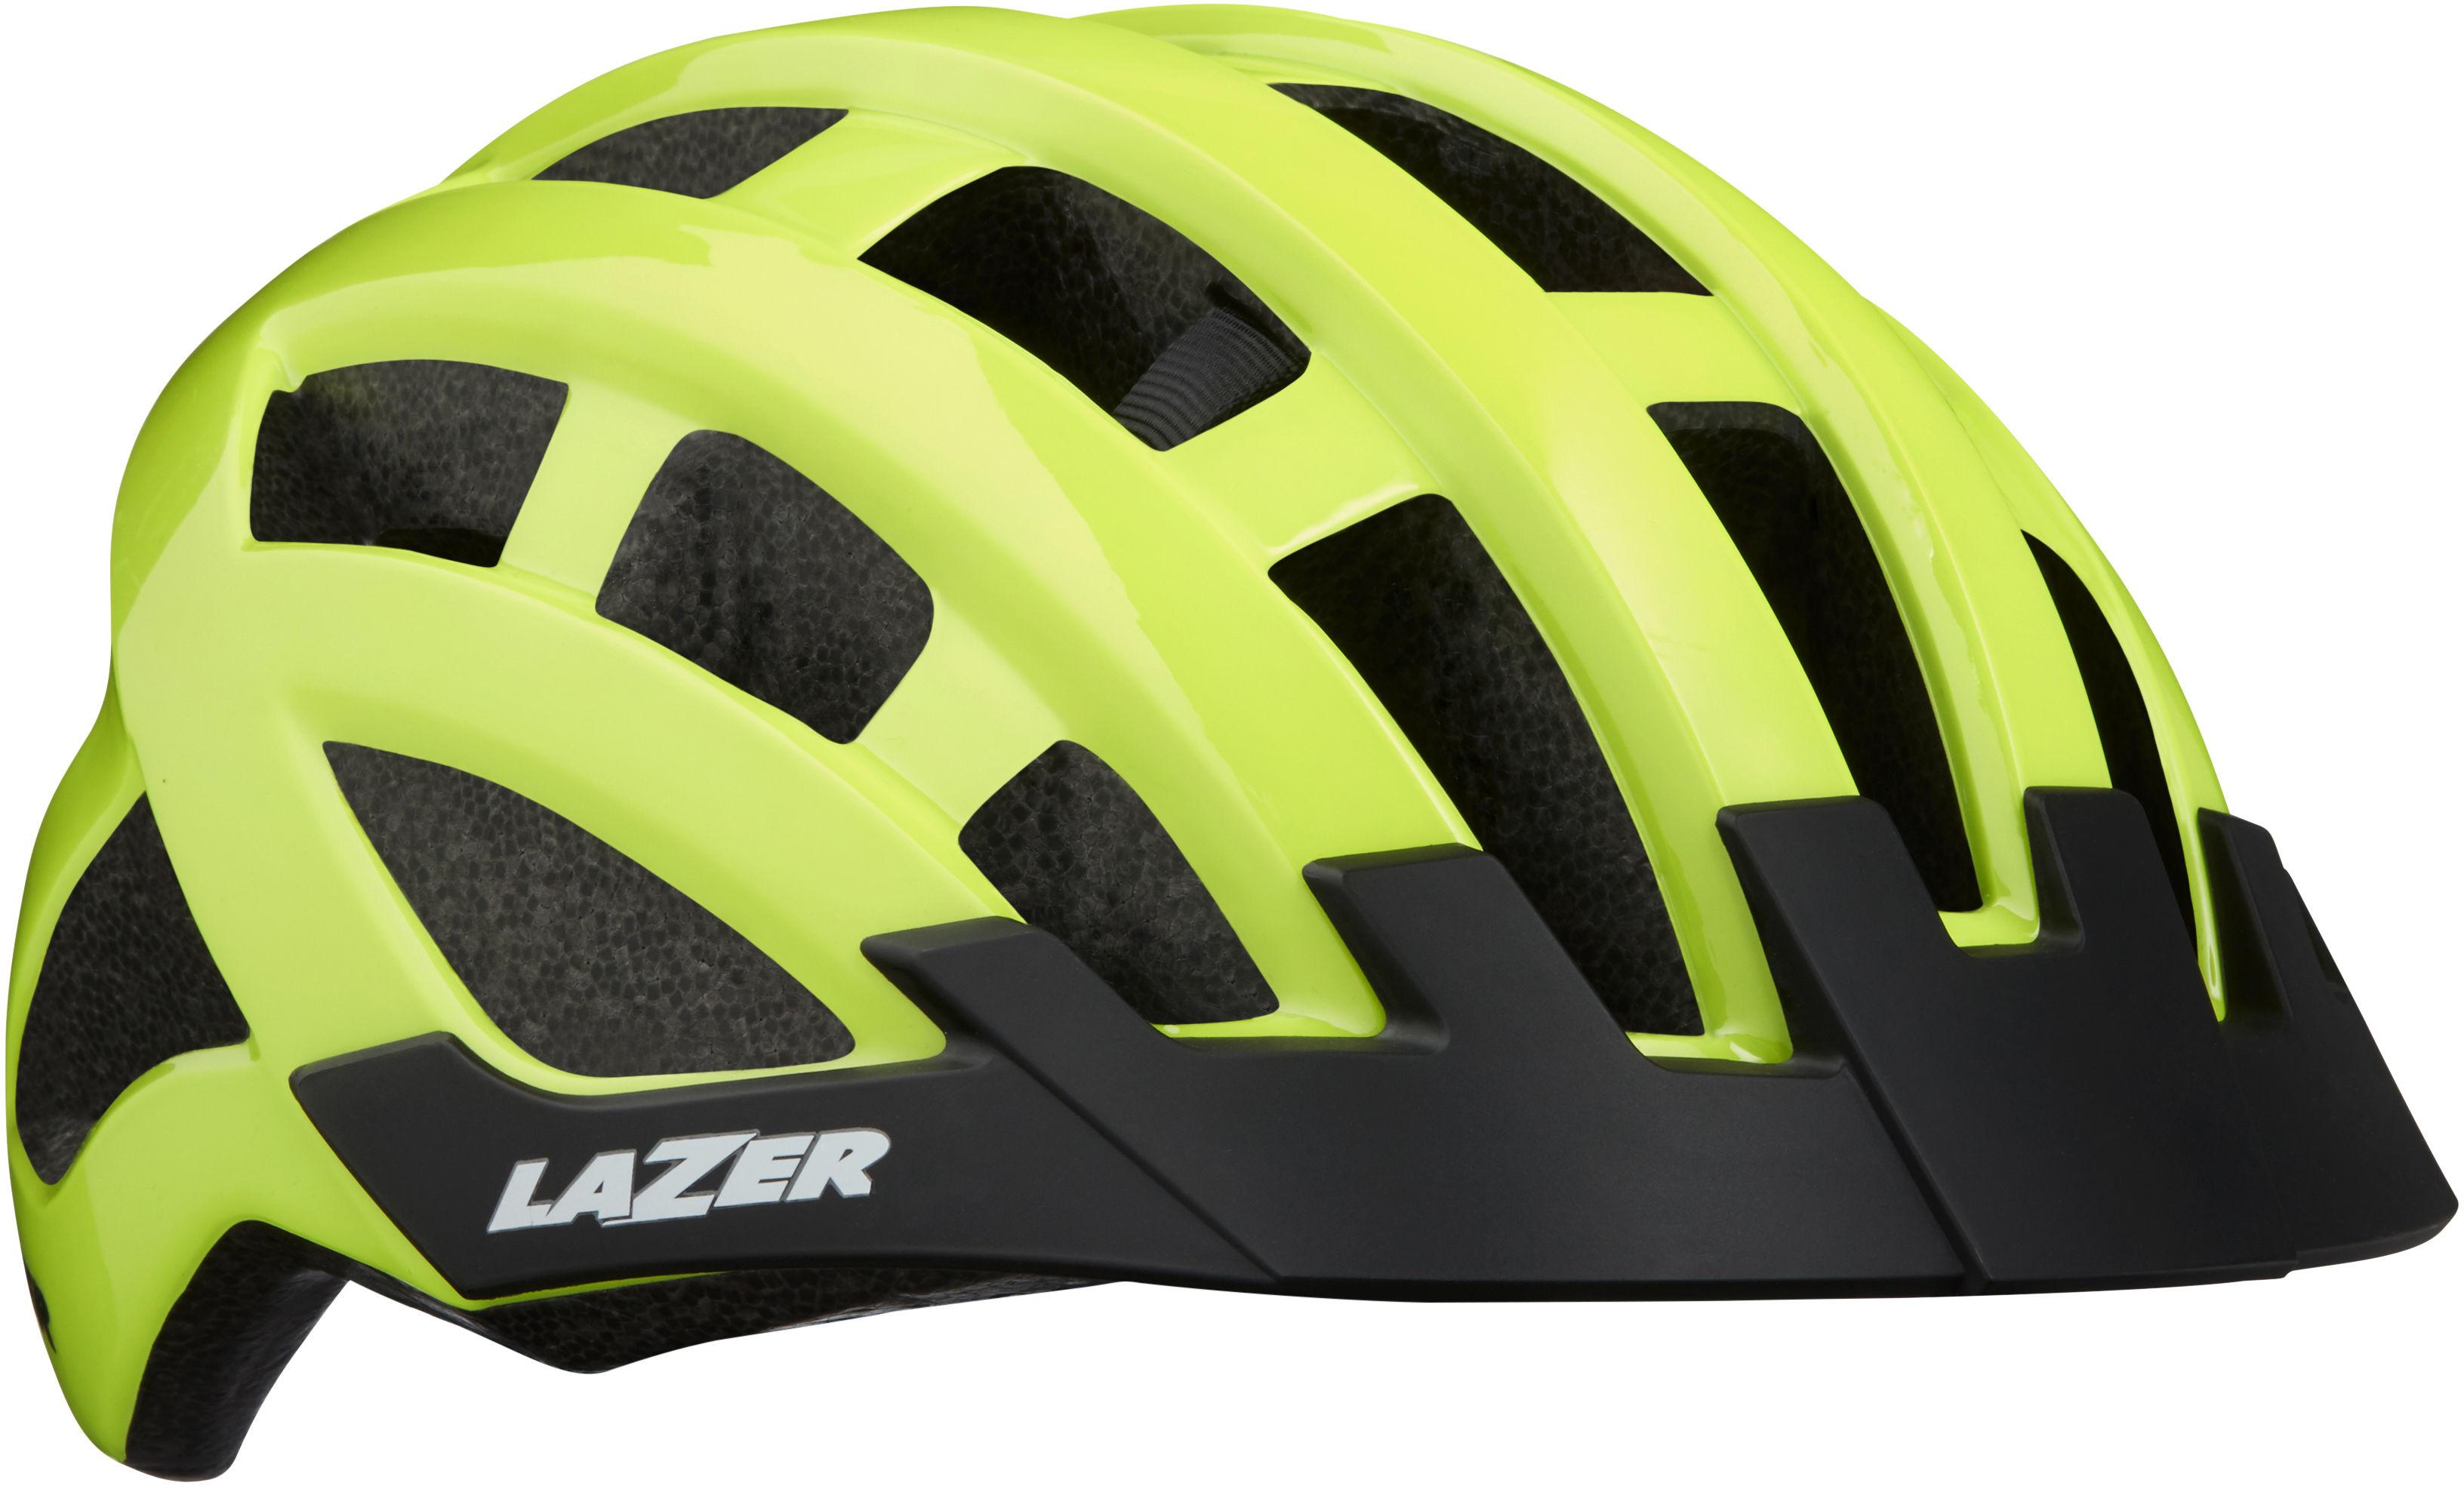 LAZER Compact kask rowerowy fluor żółty połysk Rozmiar: 54-61,5420078850058